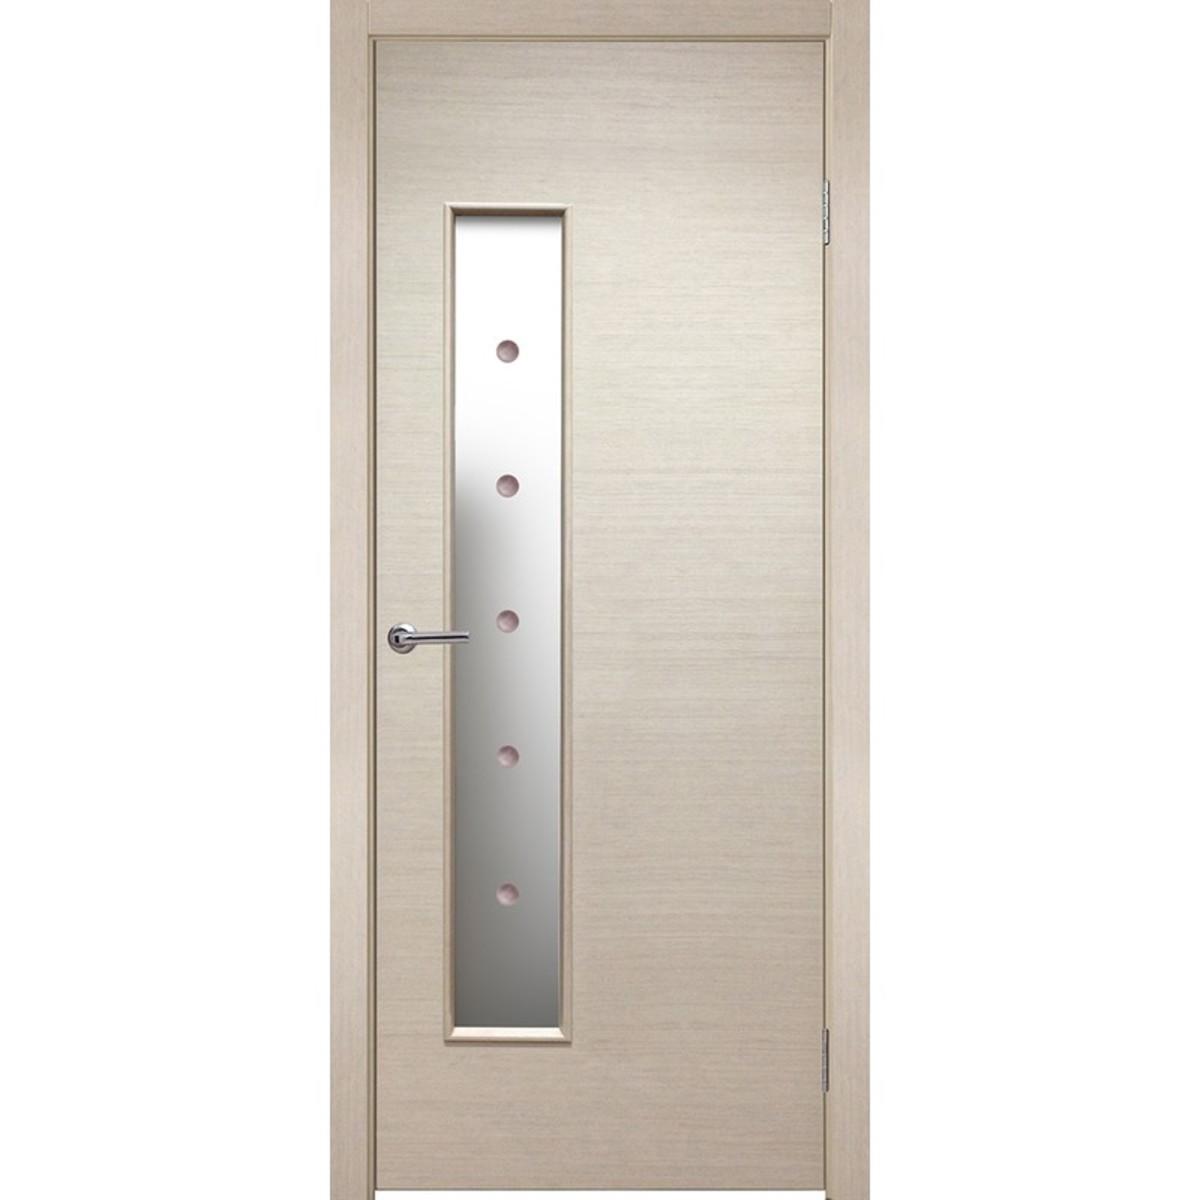 Дверь Межкомнатная Остеклённая Шарлотт 90x200 Шпон Цвет Дуб Белёный